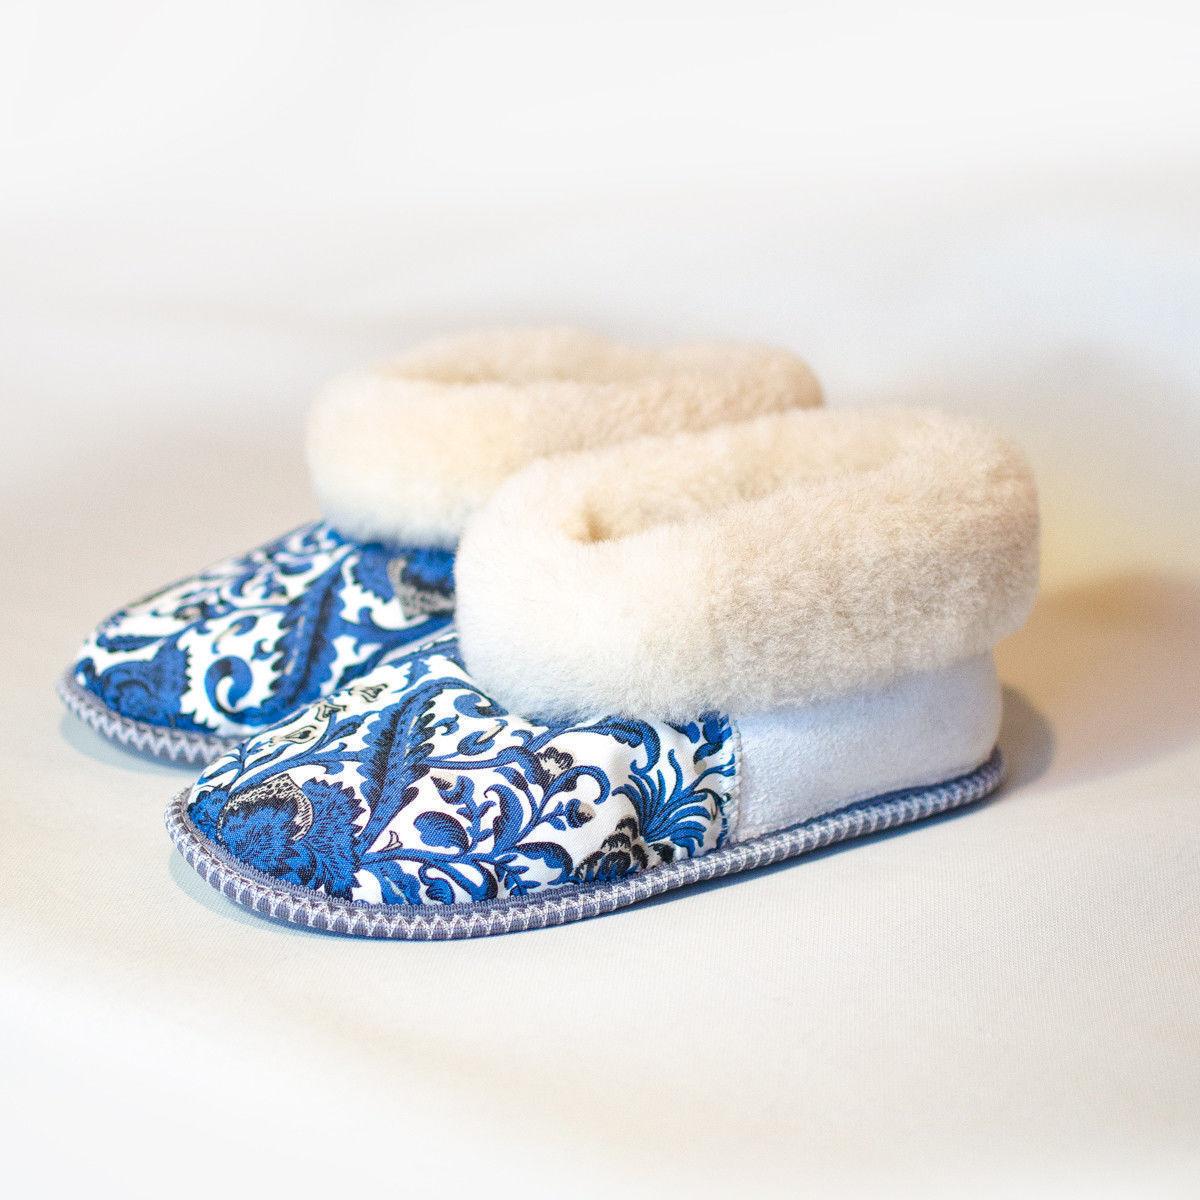 Zapatillas de piel piel piel ruso   100% natural de Piel de Oveja Invierno Calcetines   Lana       Gzhel  mejor reputación